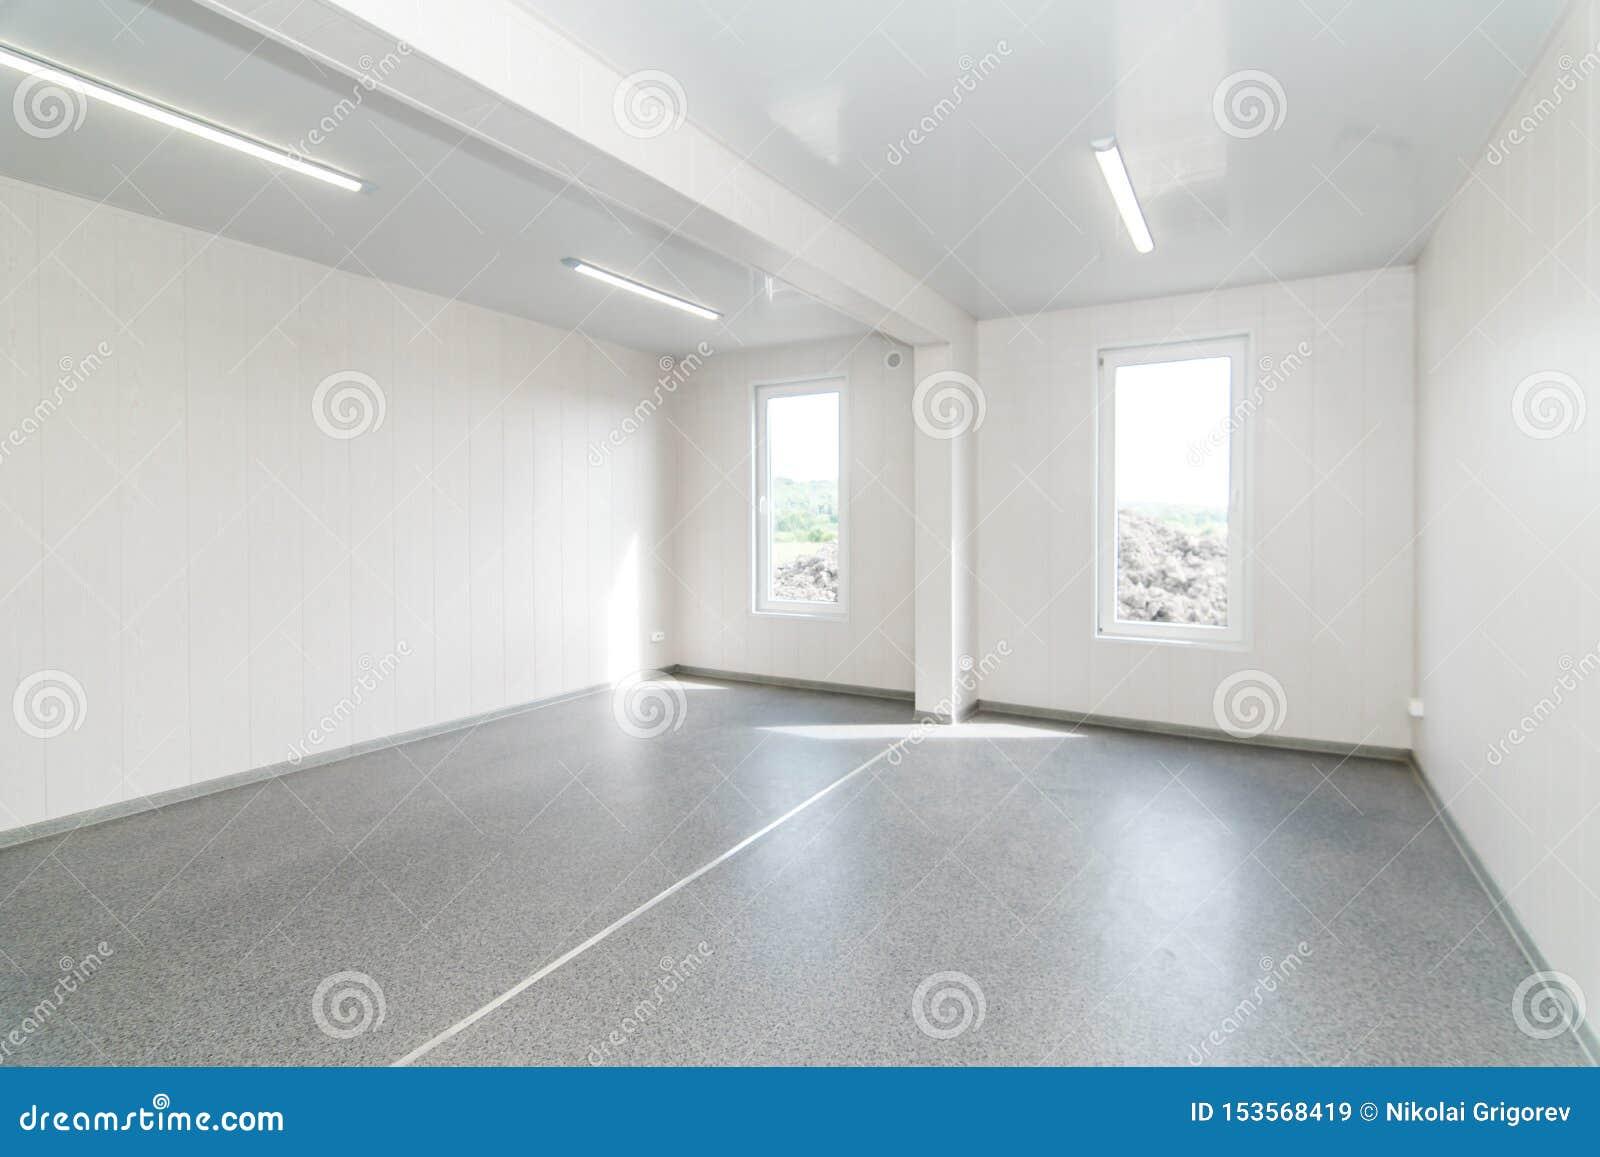 Светлая белая пустая комната офиса с ярким освещением